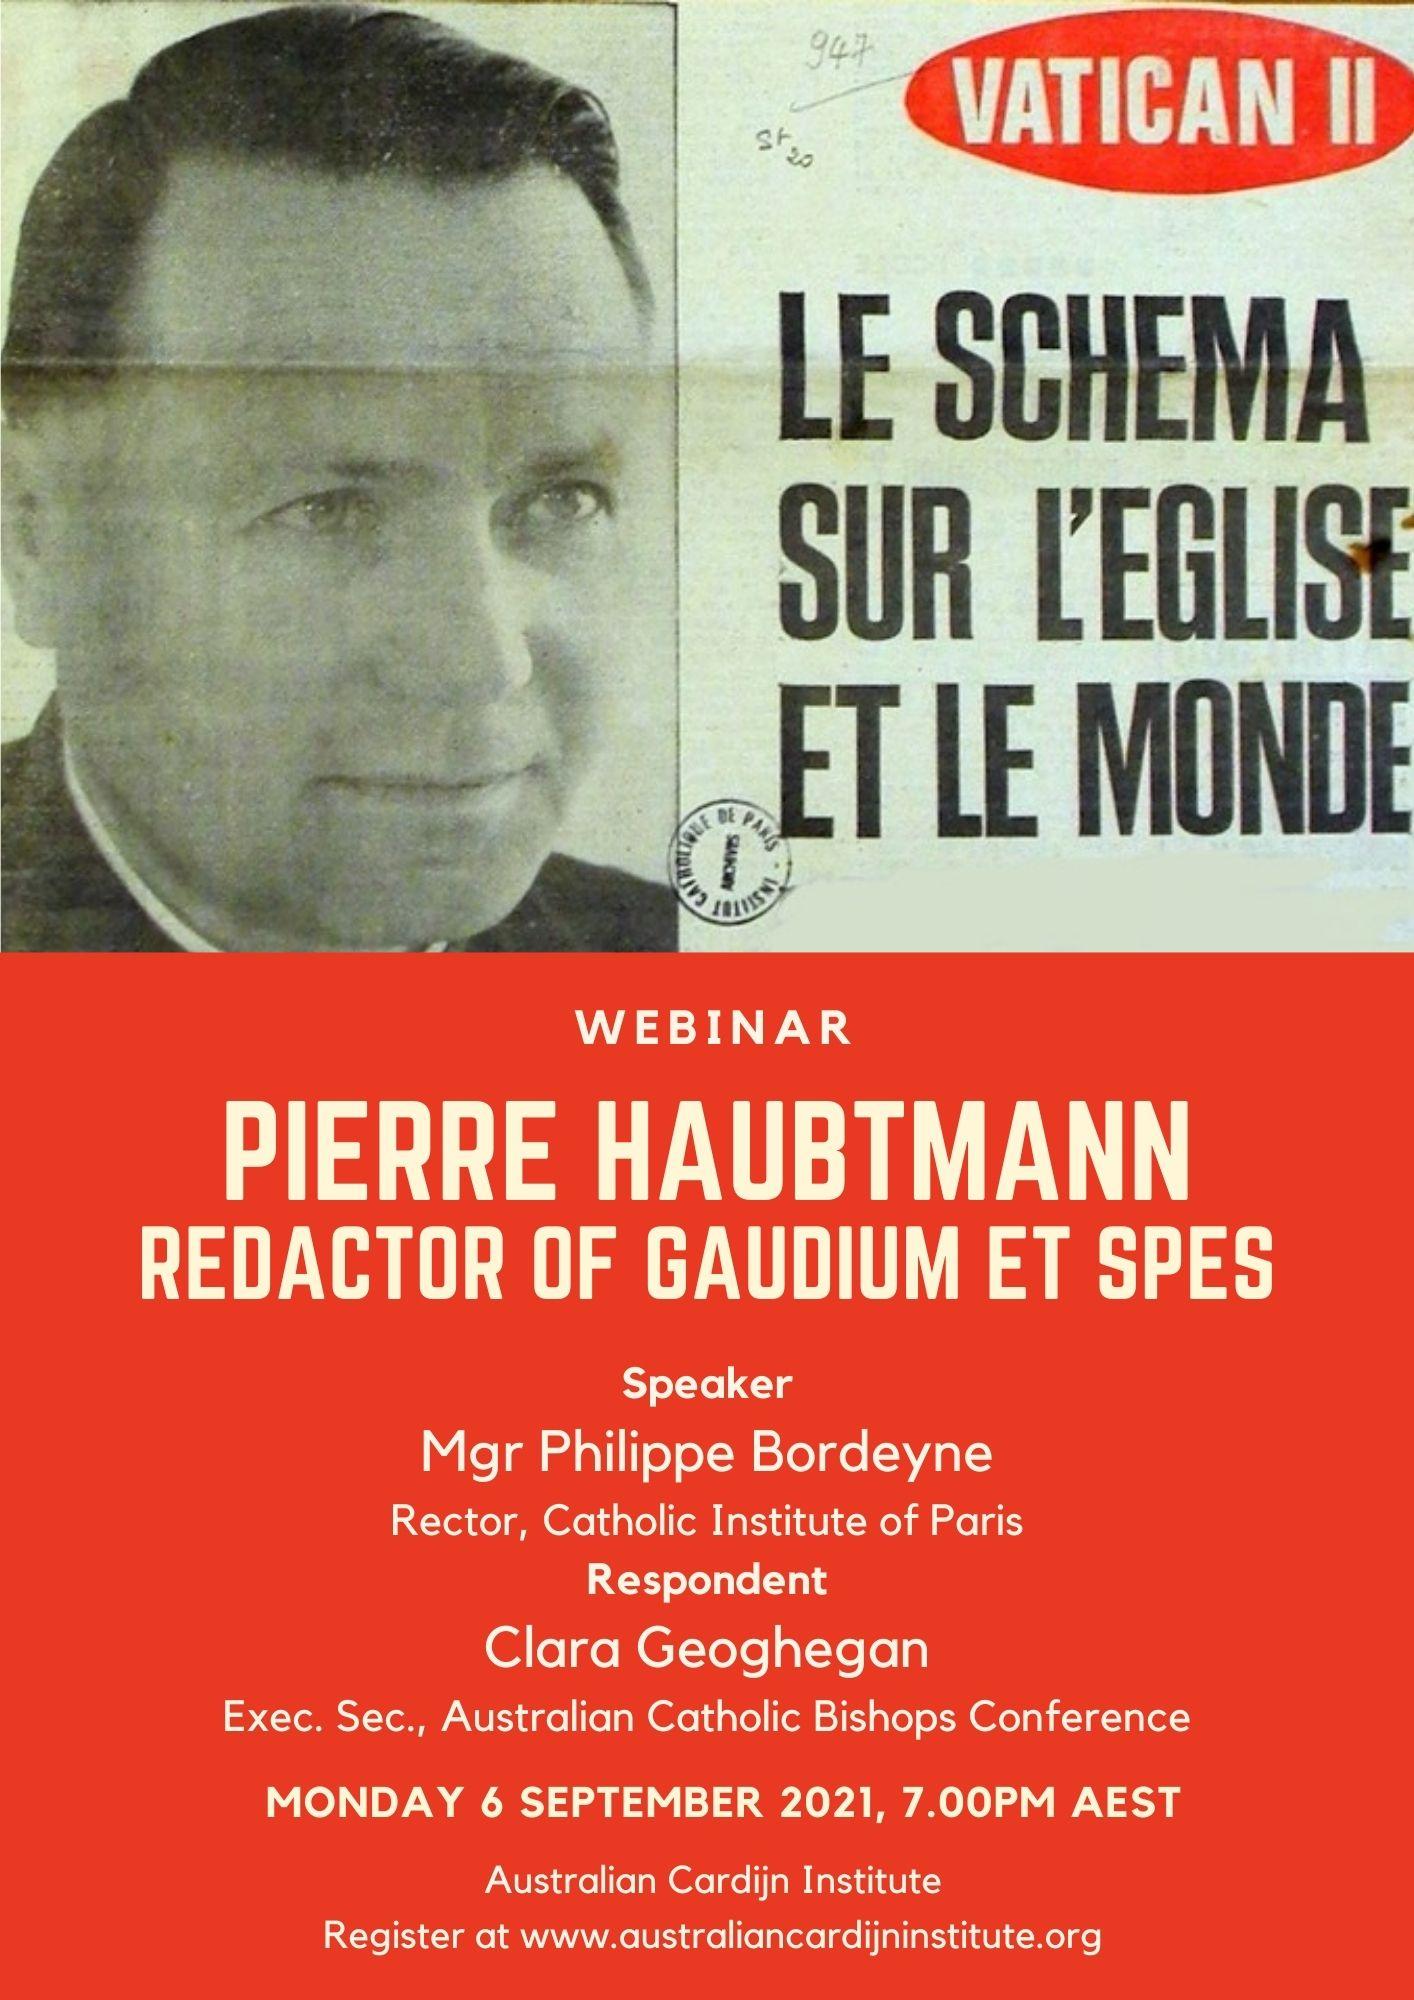 Pierre-Haubtmann